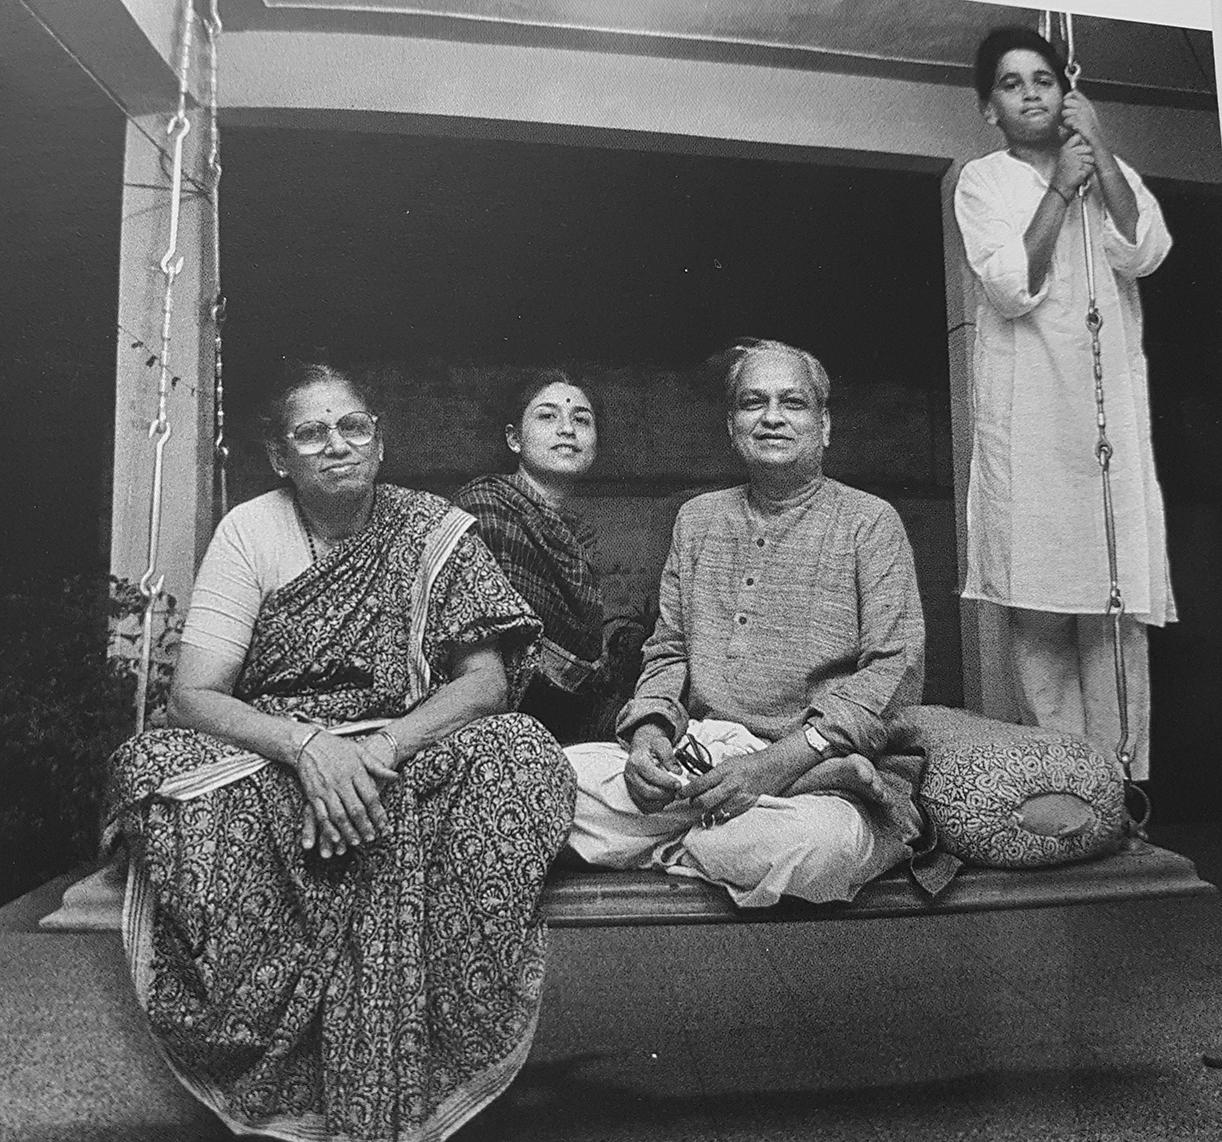 (चित्र : पत्नी वसुंधरा, बेटी कलापिनी और पोते भुवनेश के साथ कुमार जी)